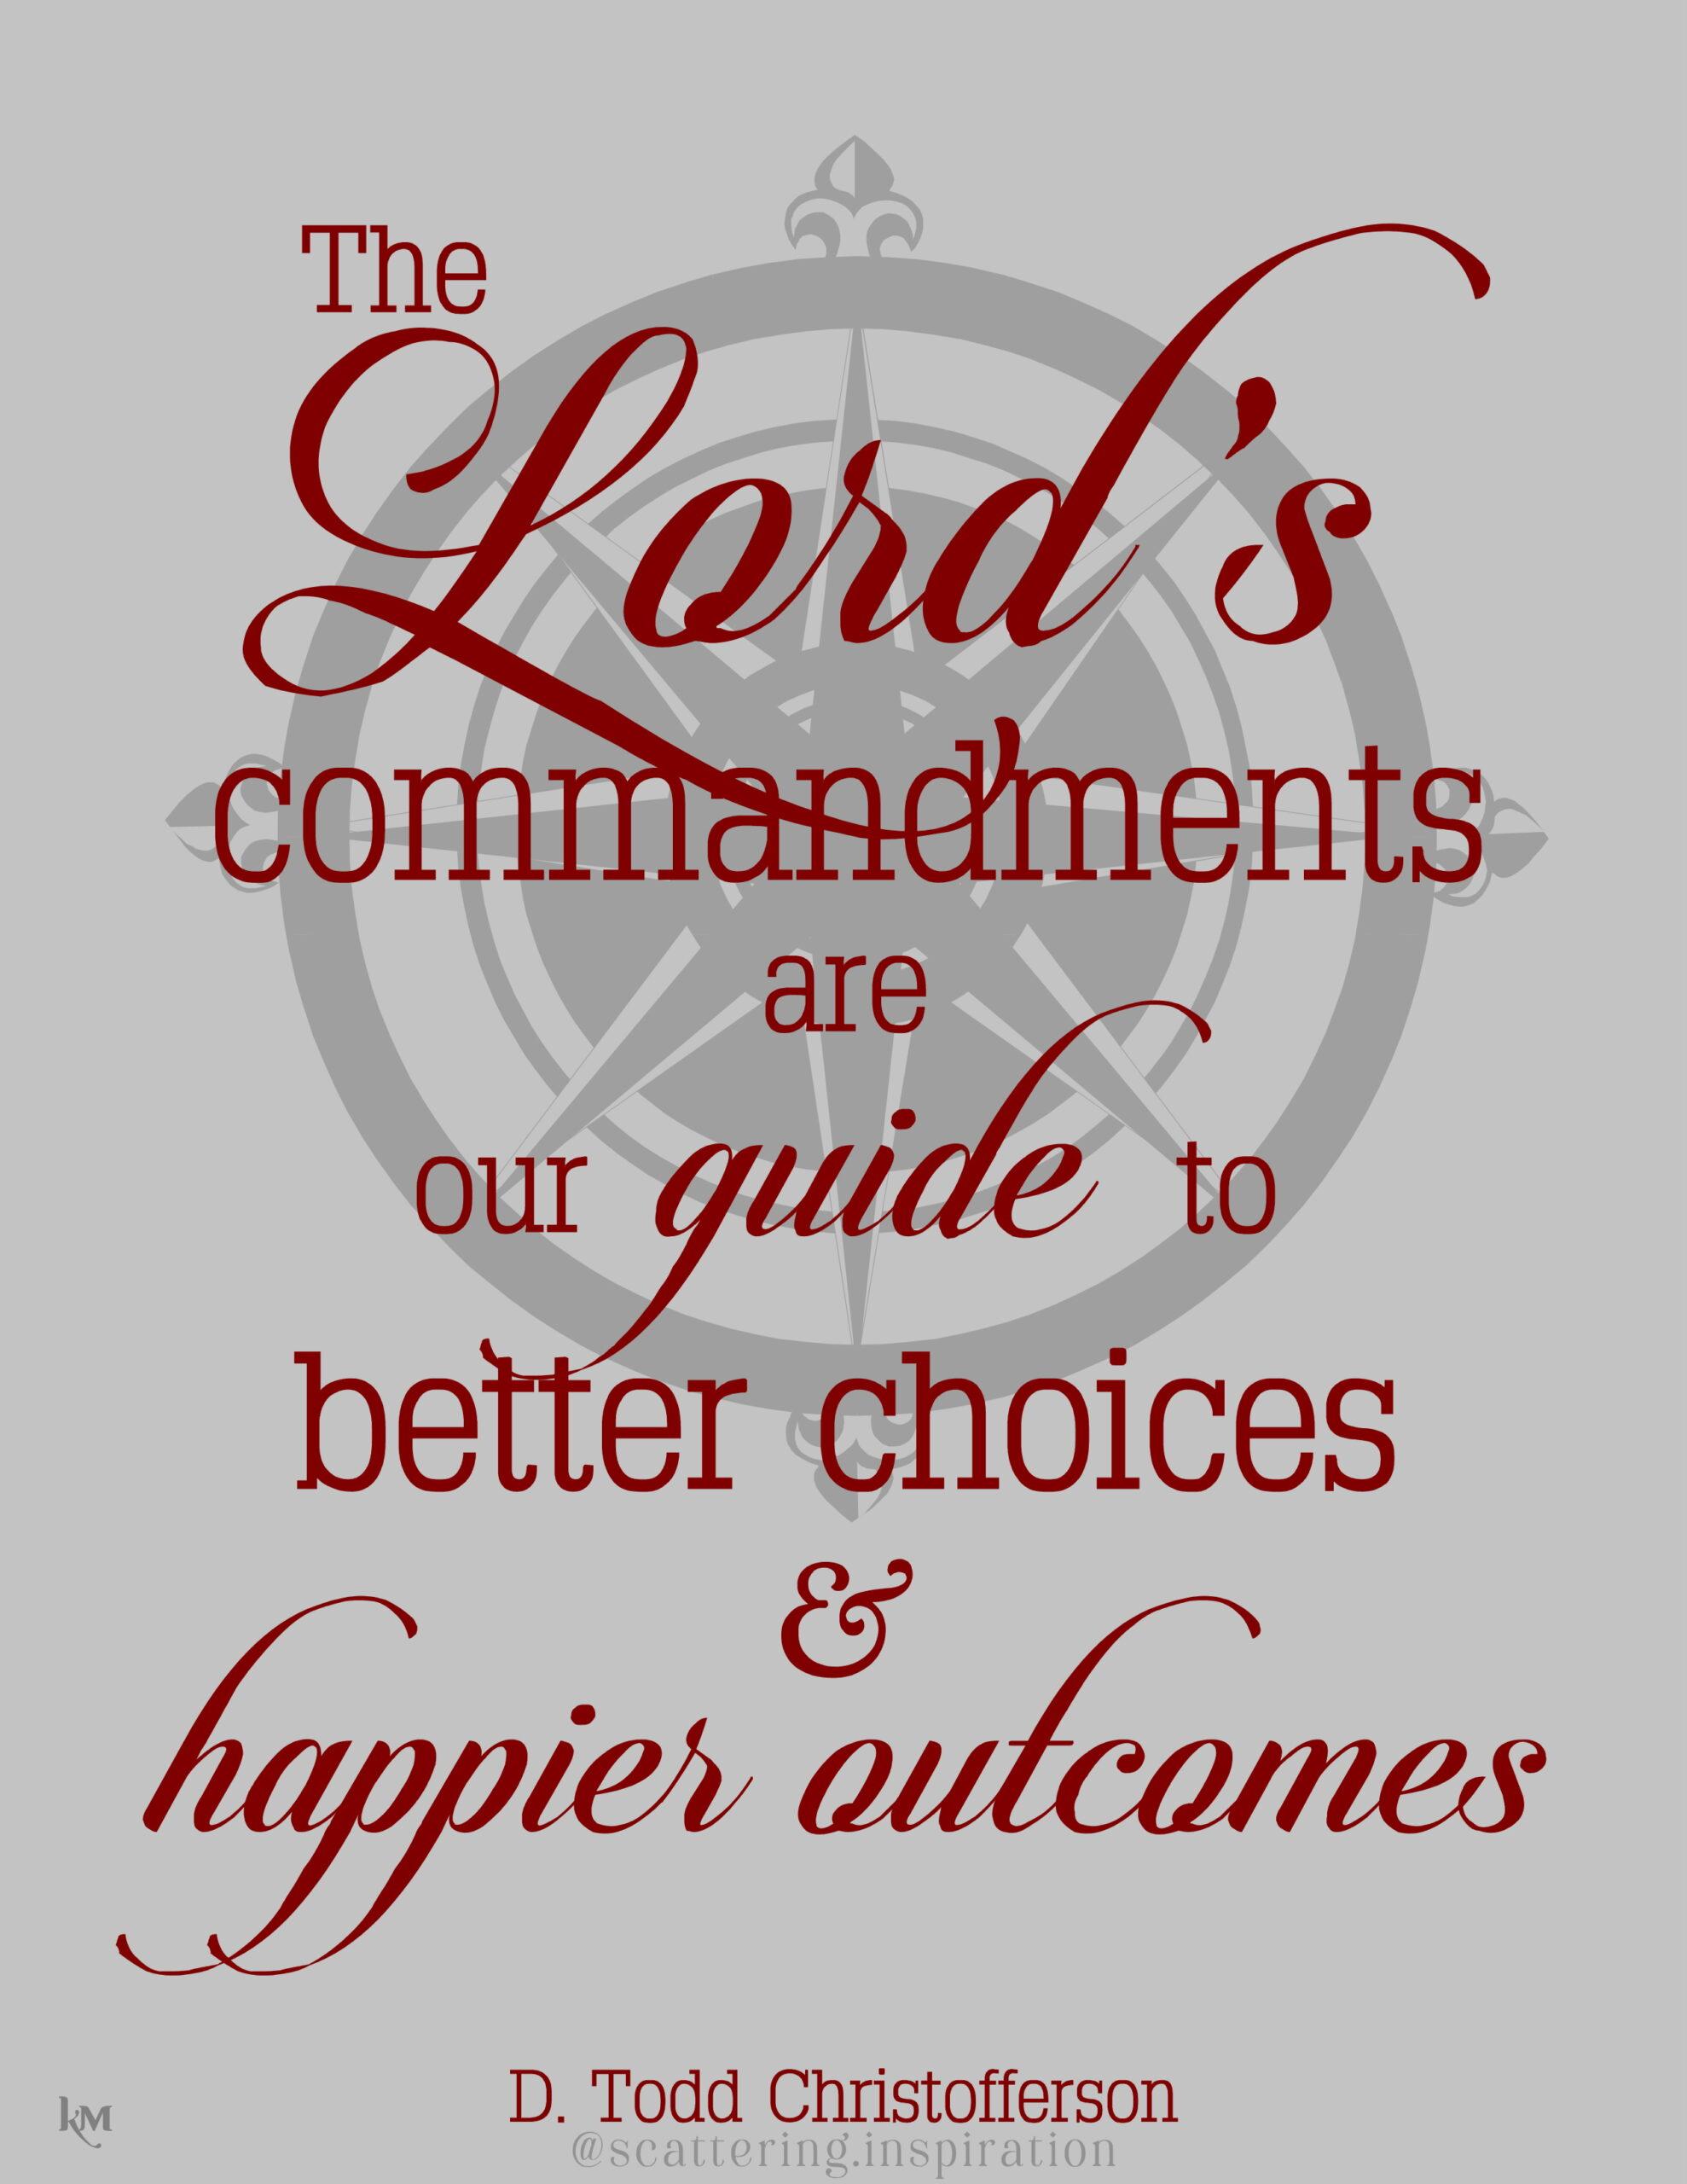 commandments are guide